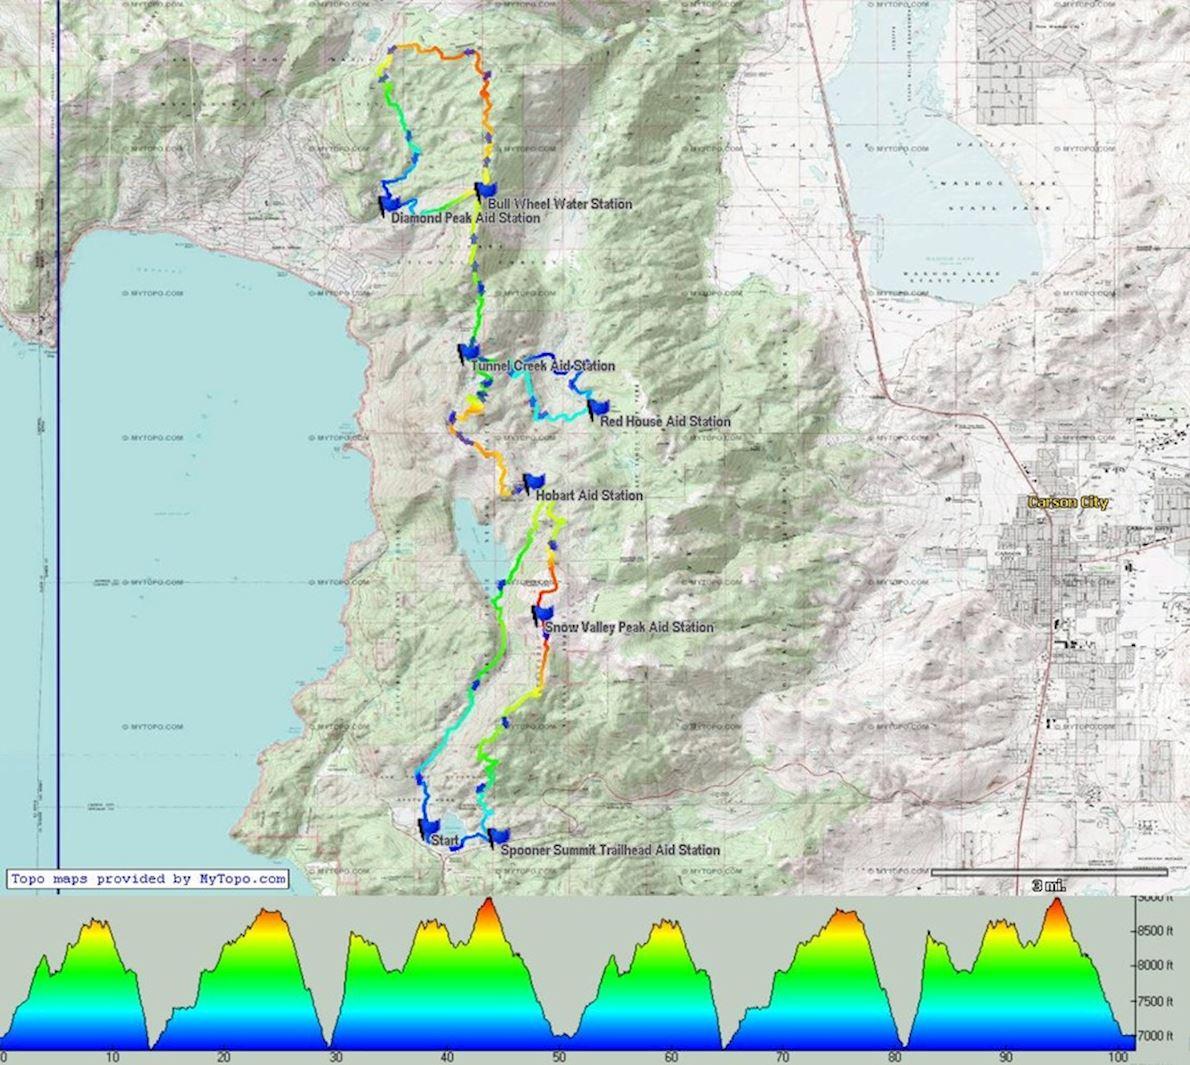 tahoe rim trail endurance runs 100m  jul 20 2019